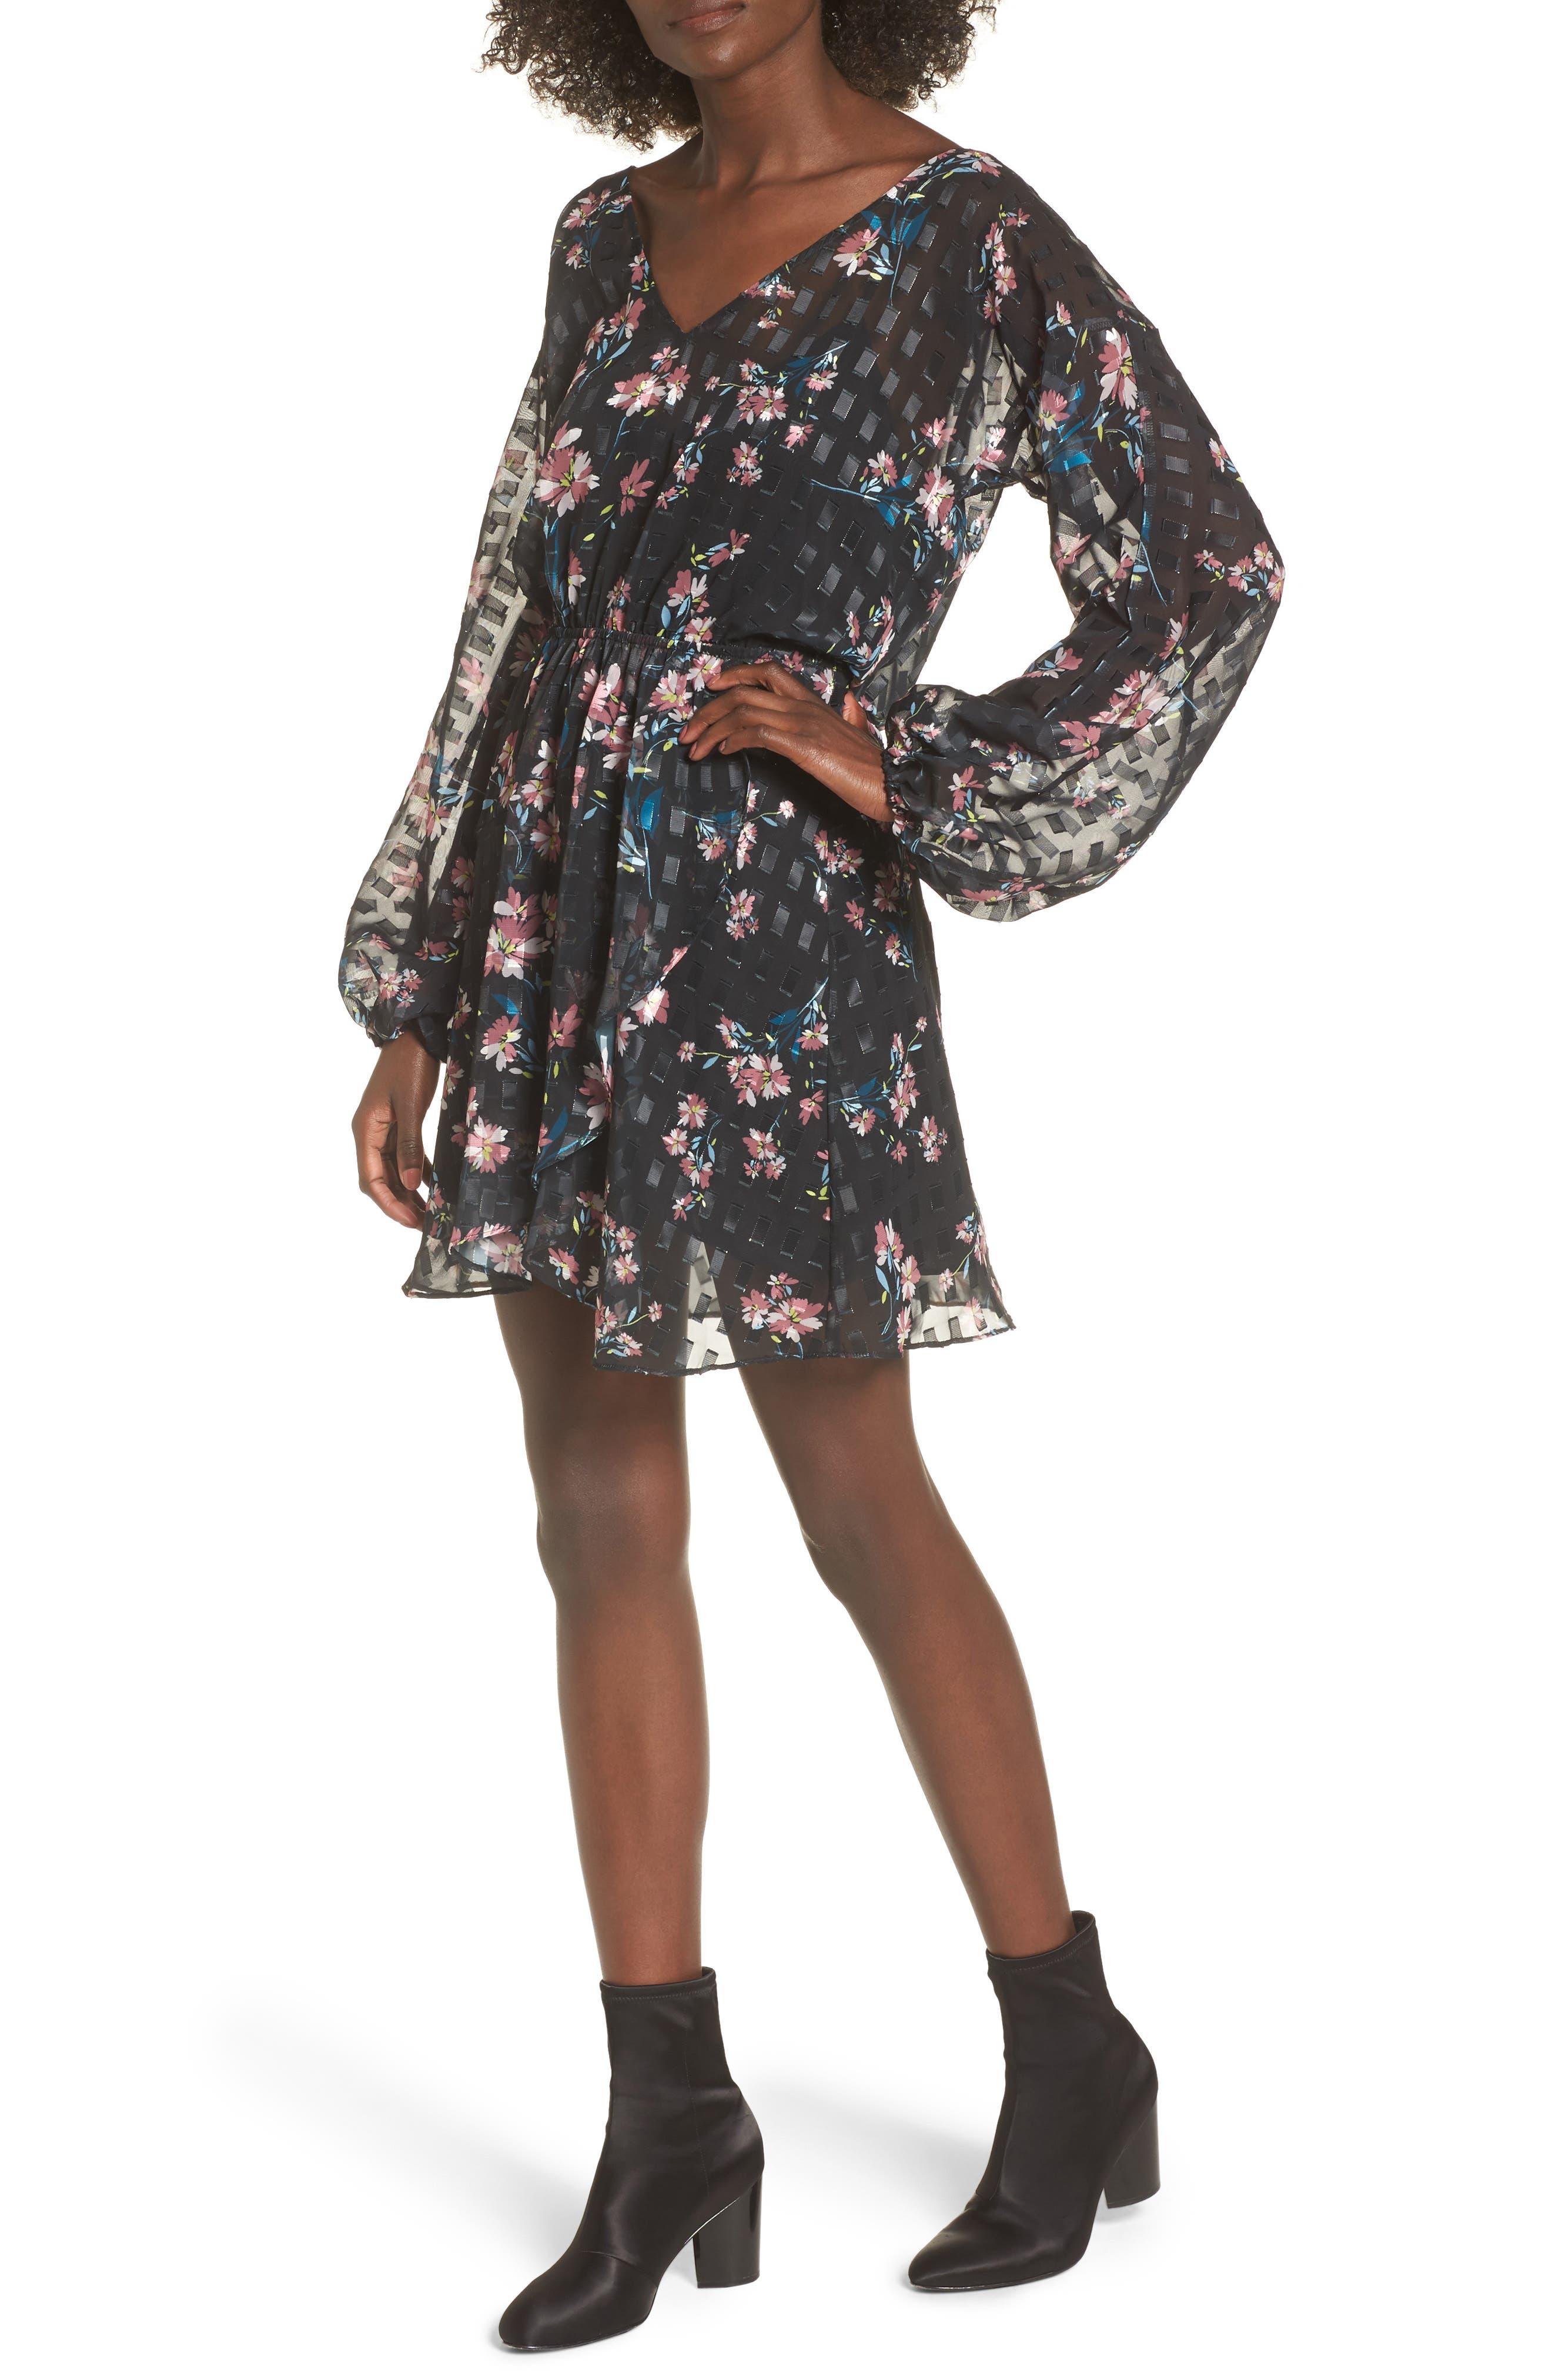 Alexis Floral Dress,                             Main thumbnail 1, color,                             002